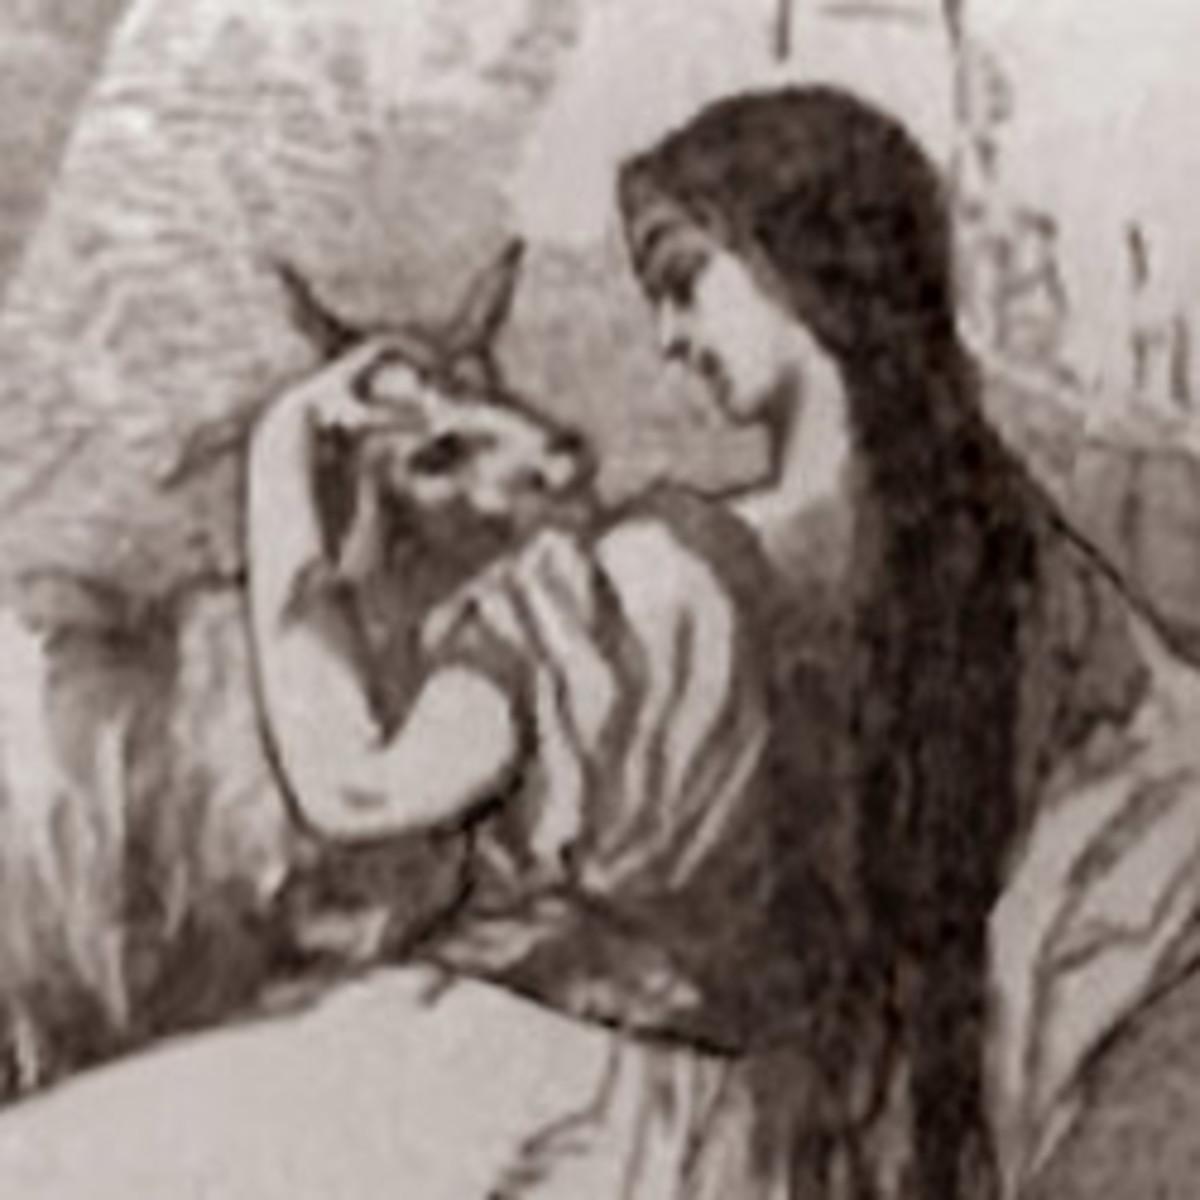 Hunchback of Notre Dame Illustrations